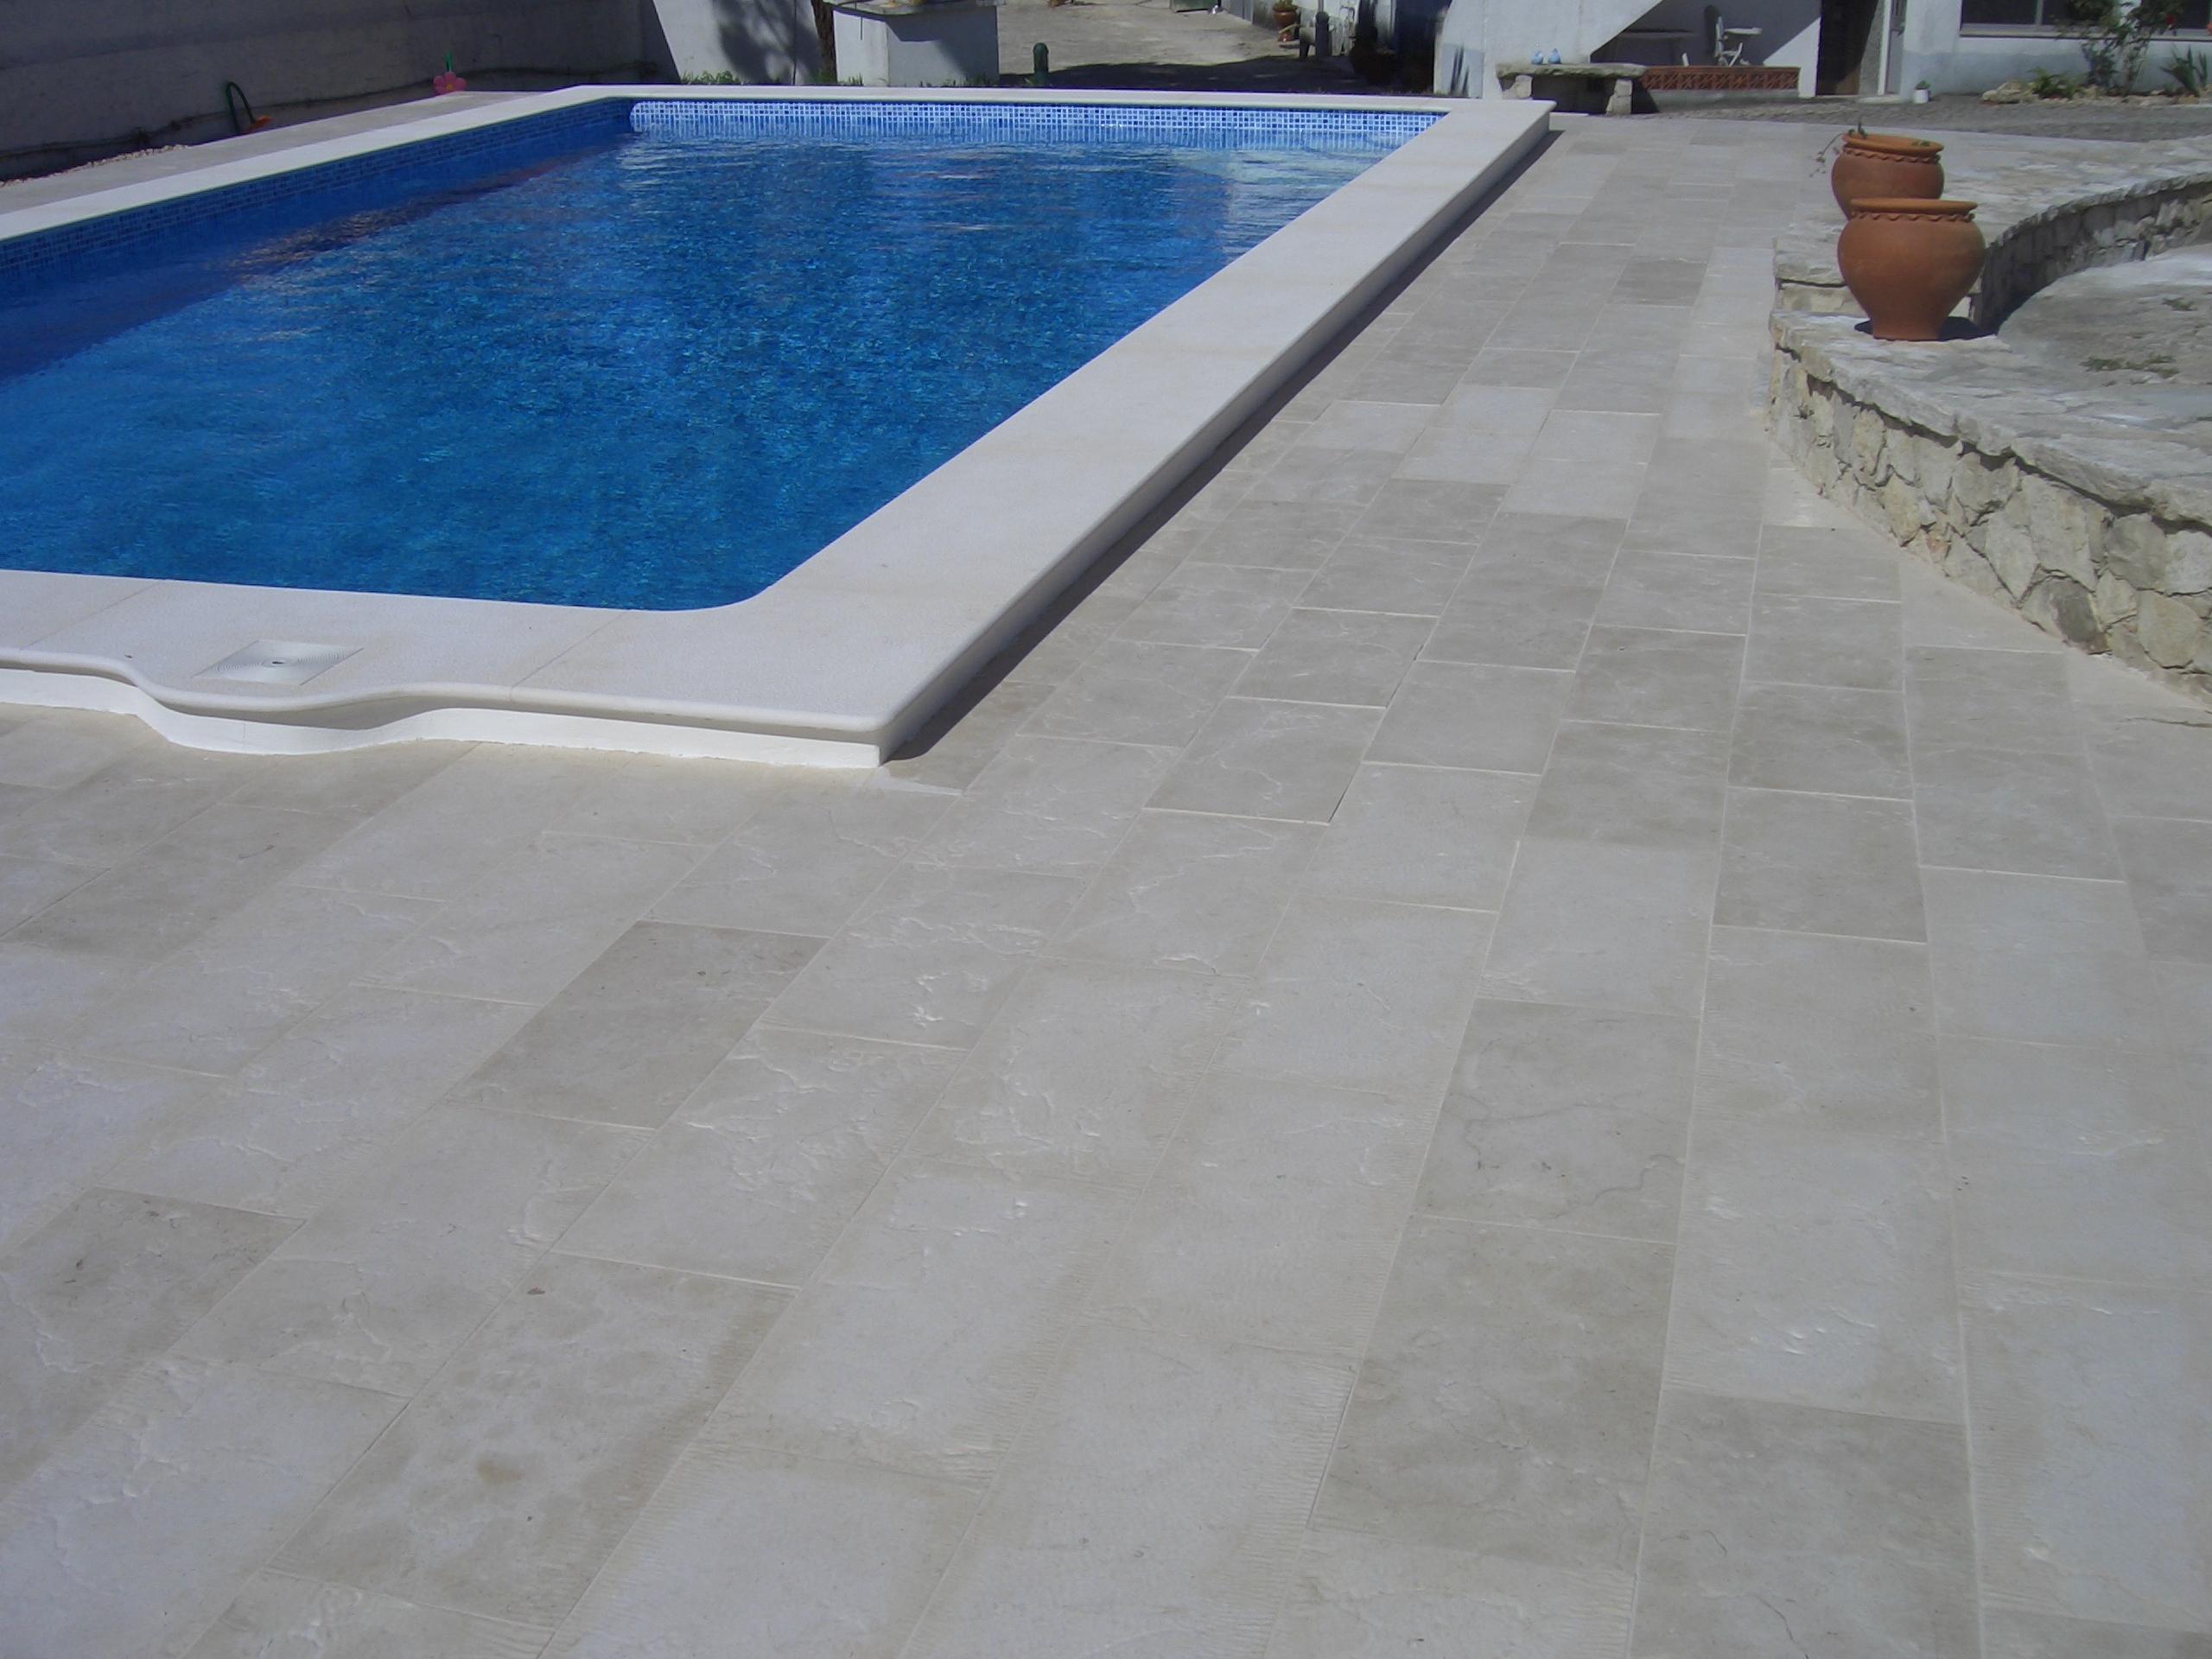 Vig rio machado piscinas jardins for Pavimento para alrededor piscina